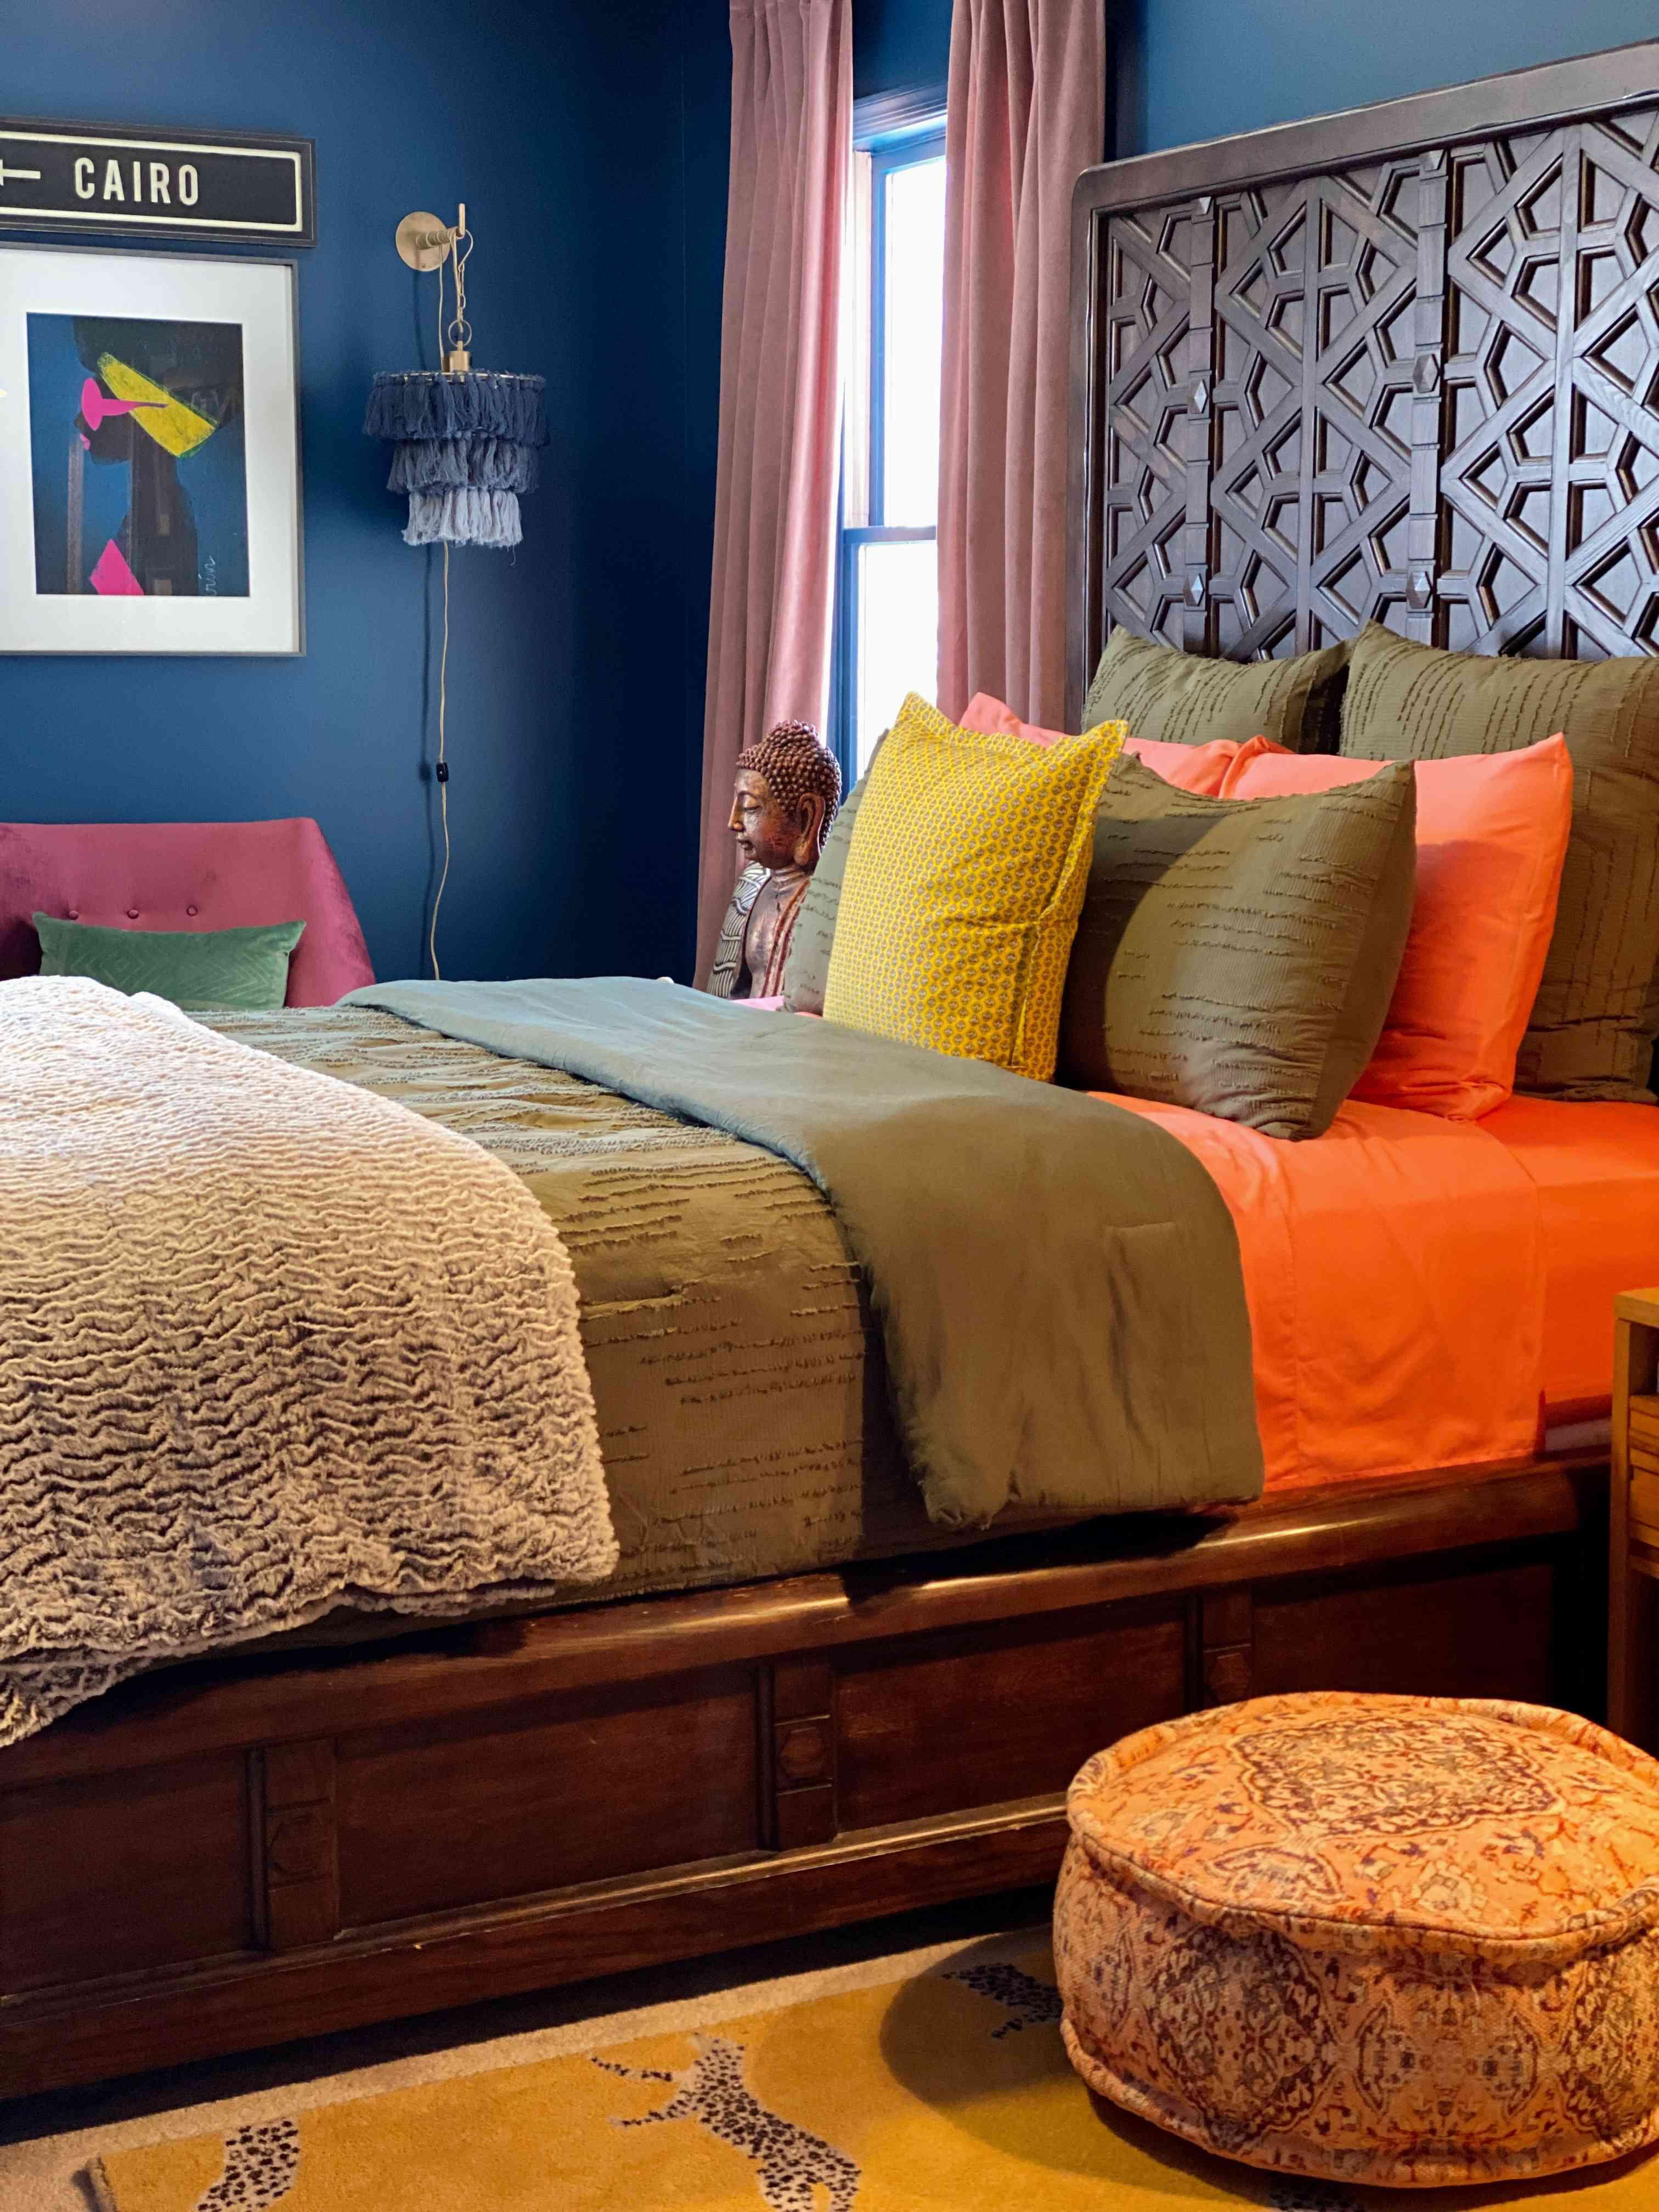 Beth Diana Smith's bedroom